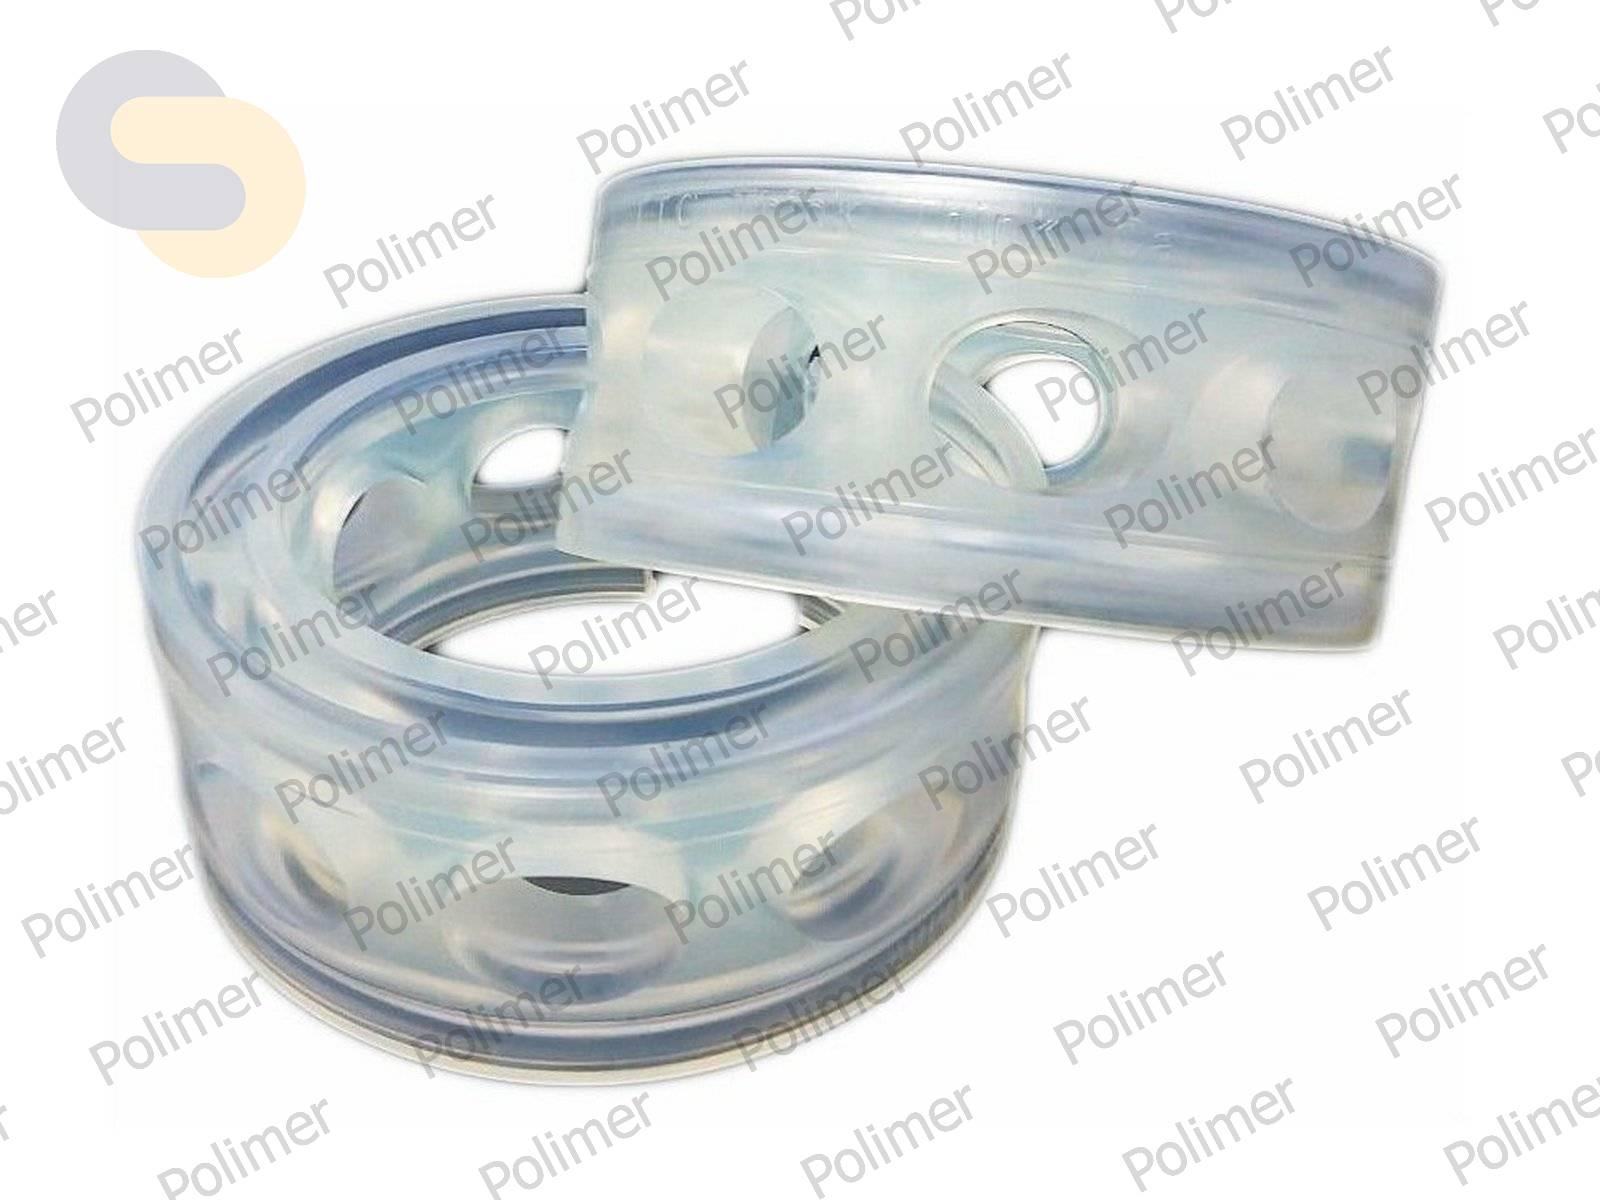 http://polimer-nsk.ru/web/pkl/Size-D-WHITE.jpg